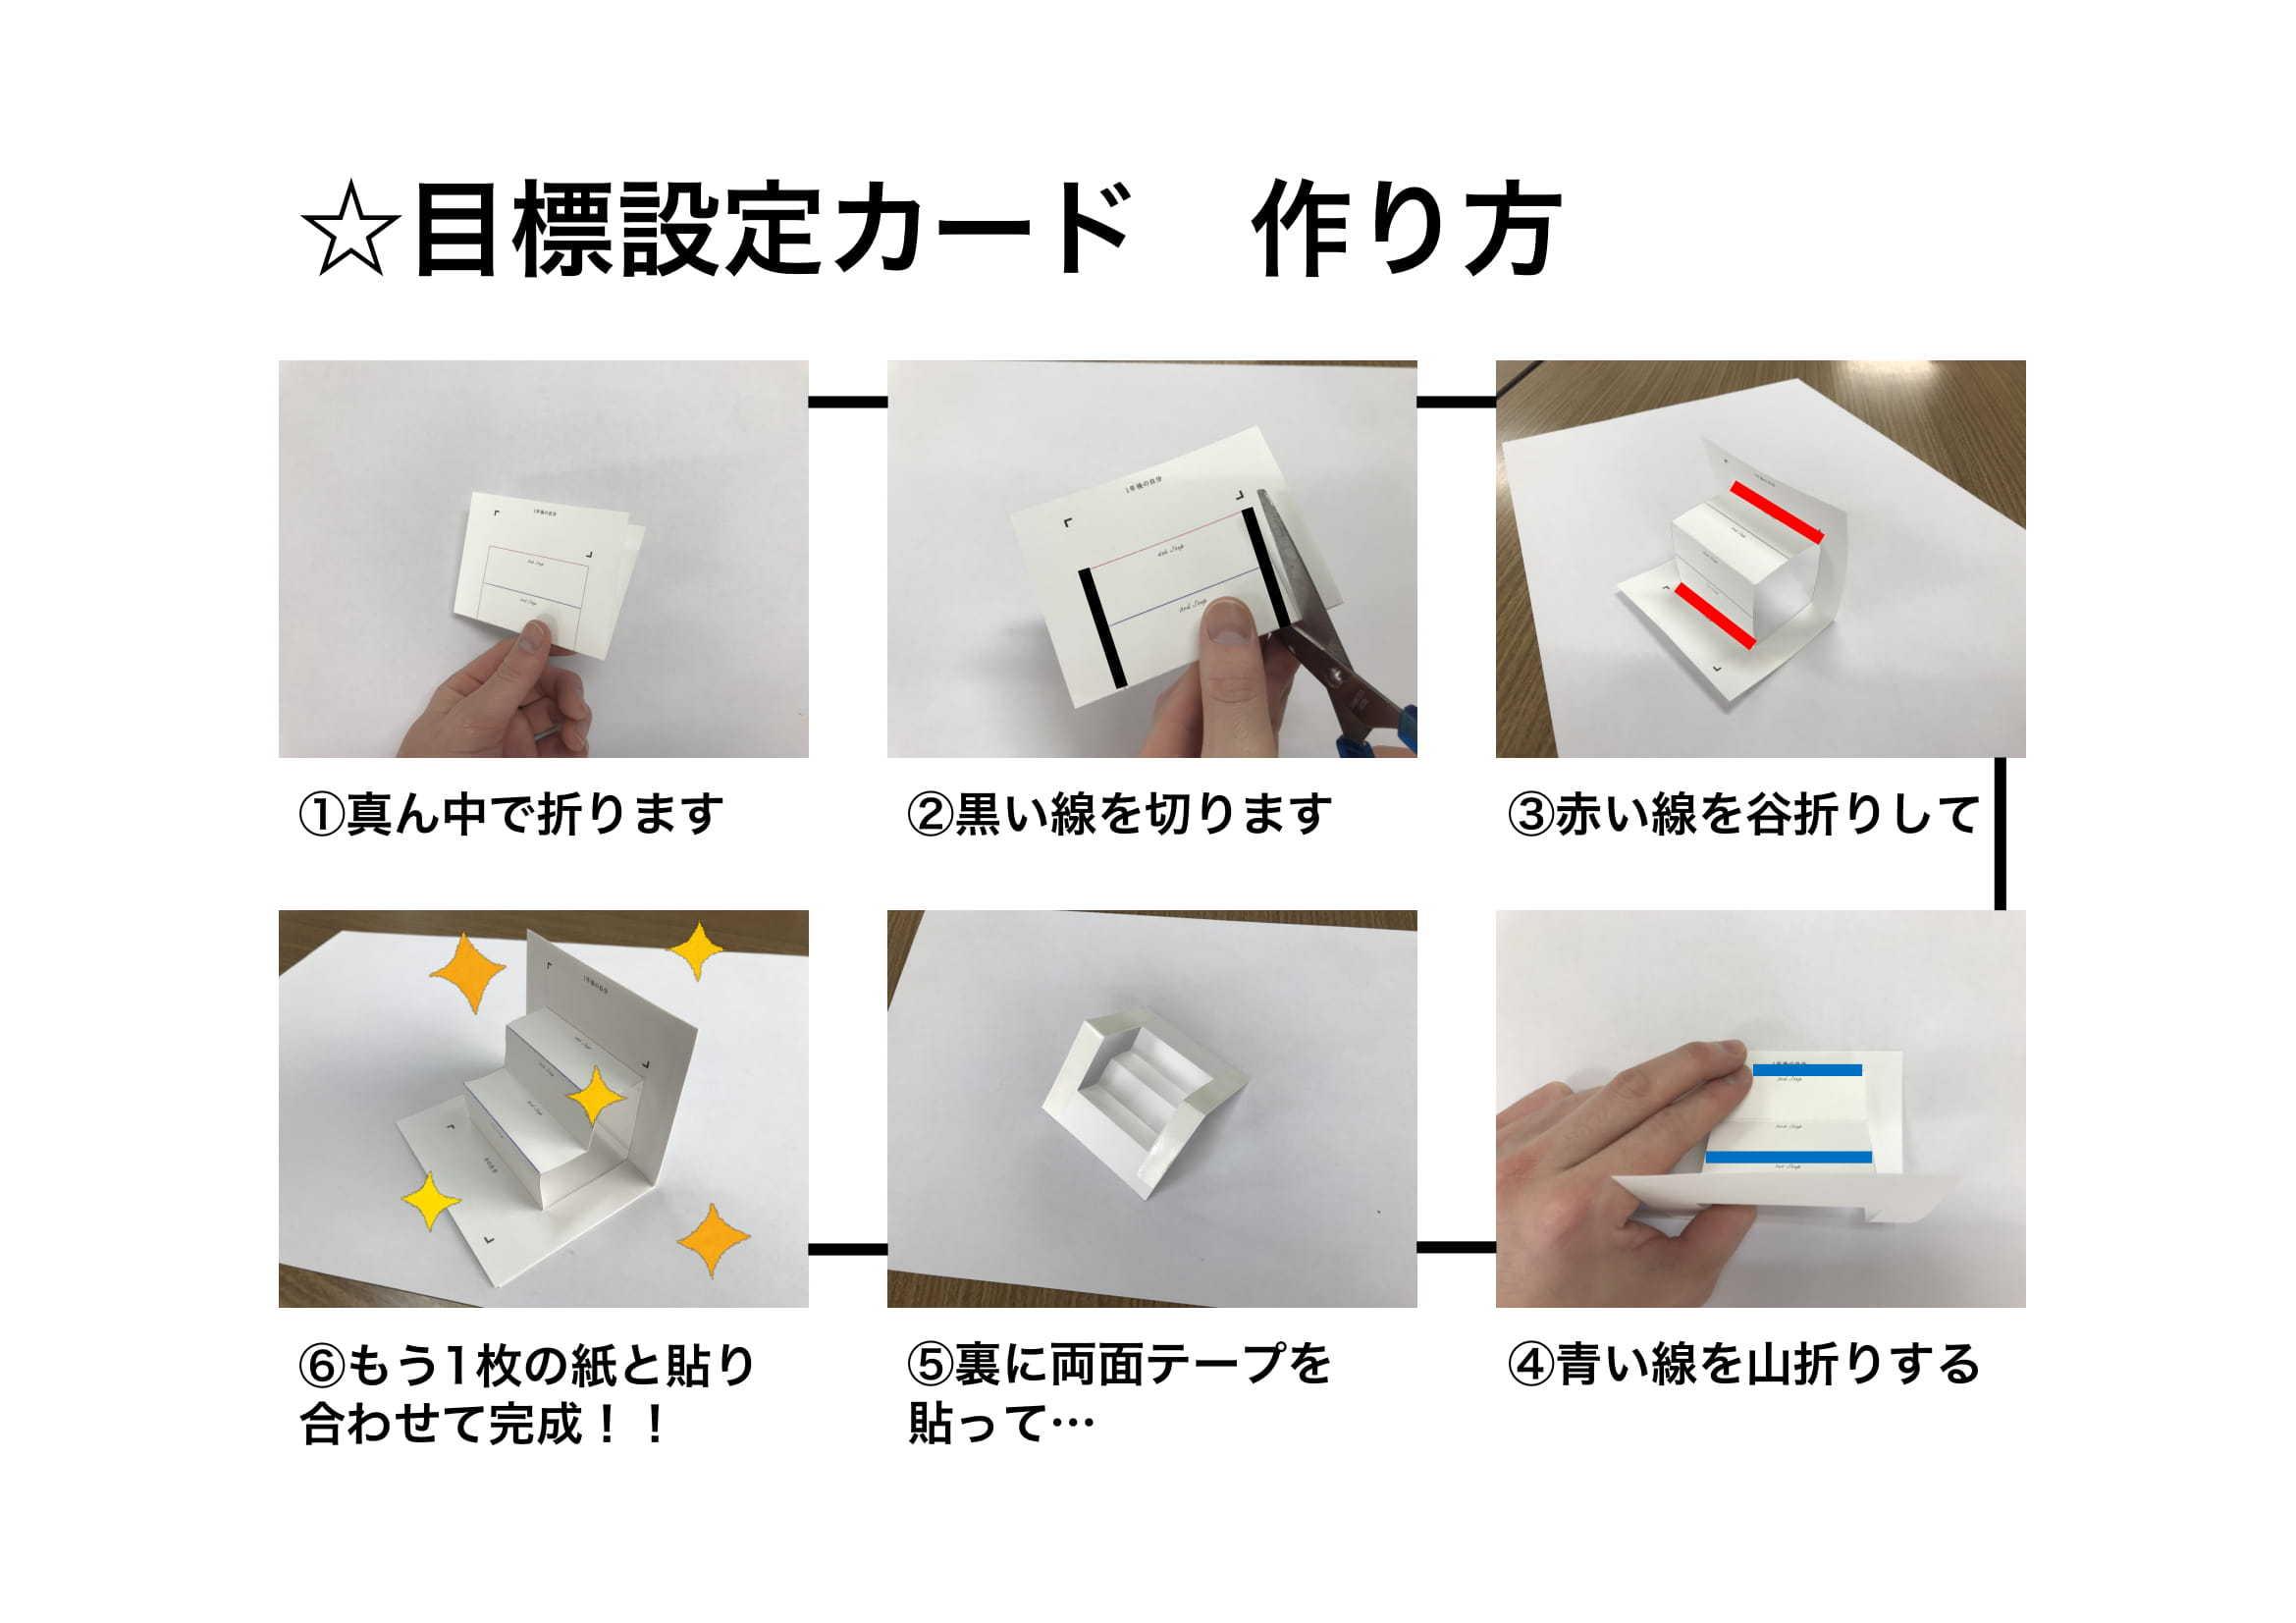 目標設定カード 作り方-1.jpg